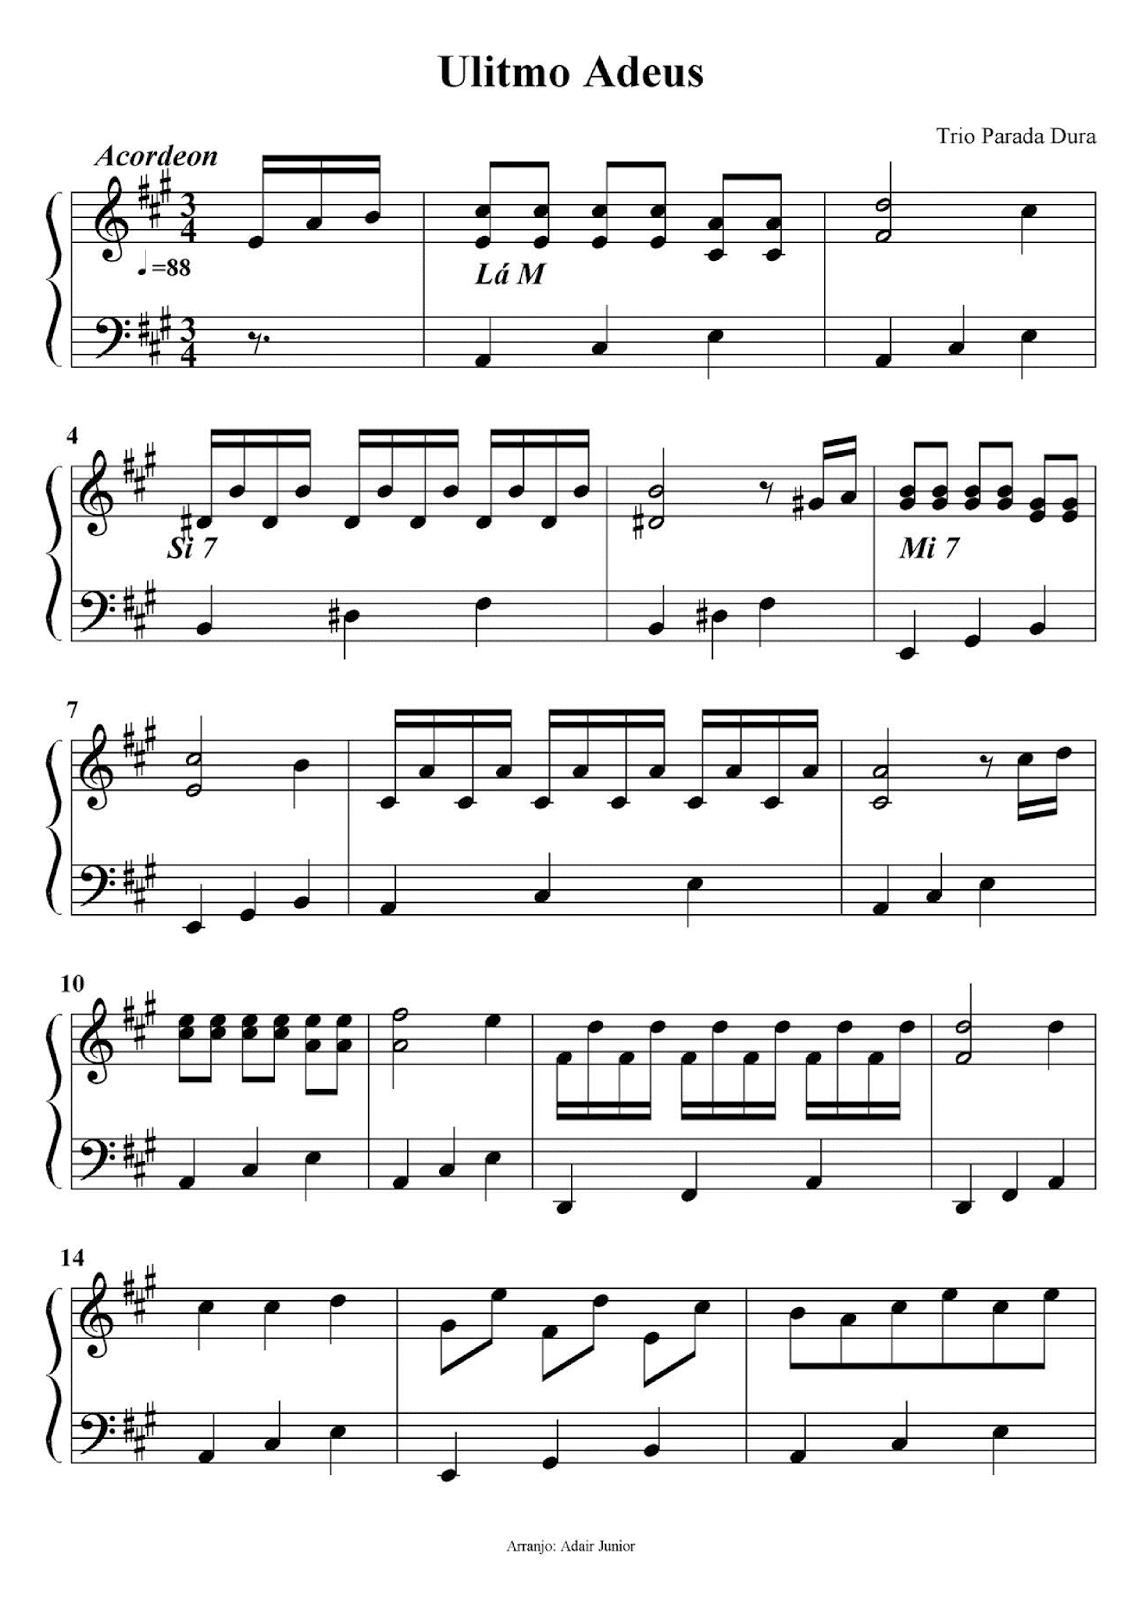 BAIXAR ANDORINHAS DURA AS MUSICA VOLTARAM TRIO PARADA